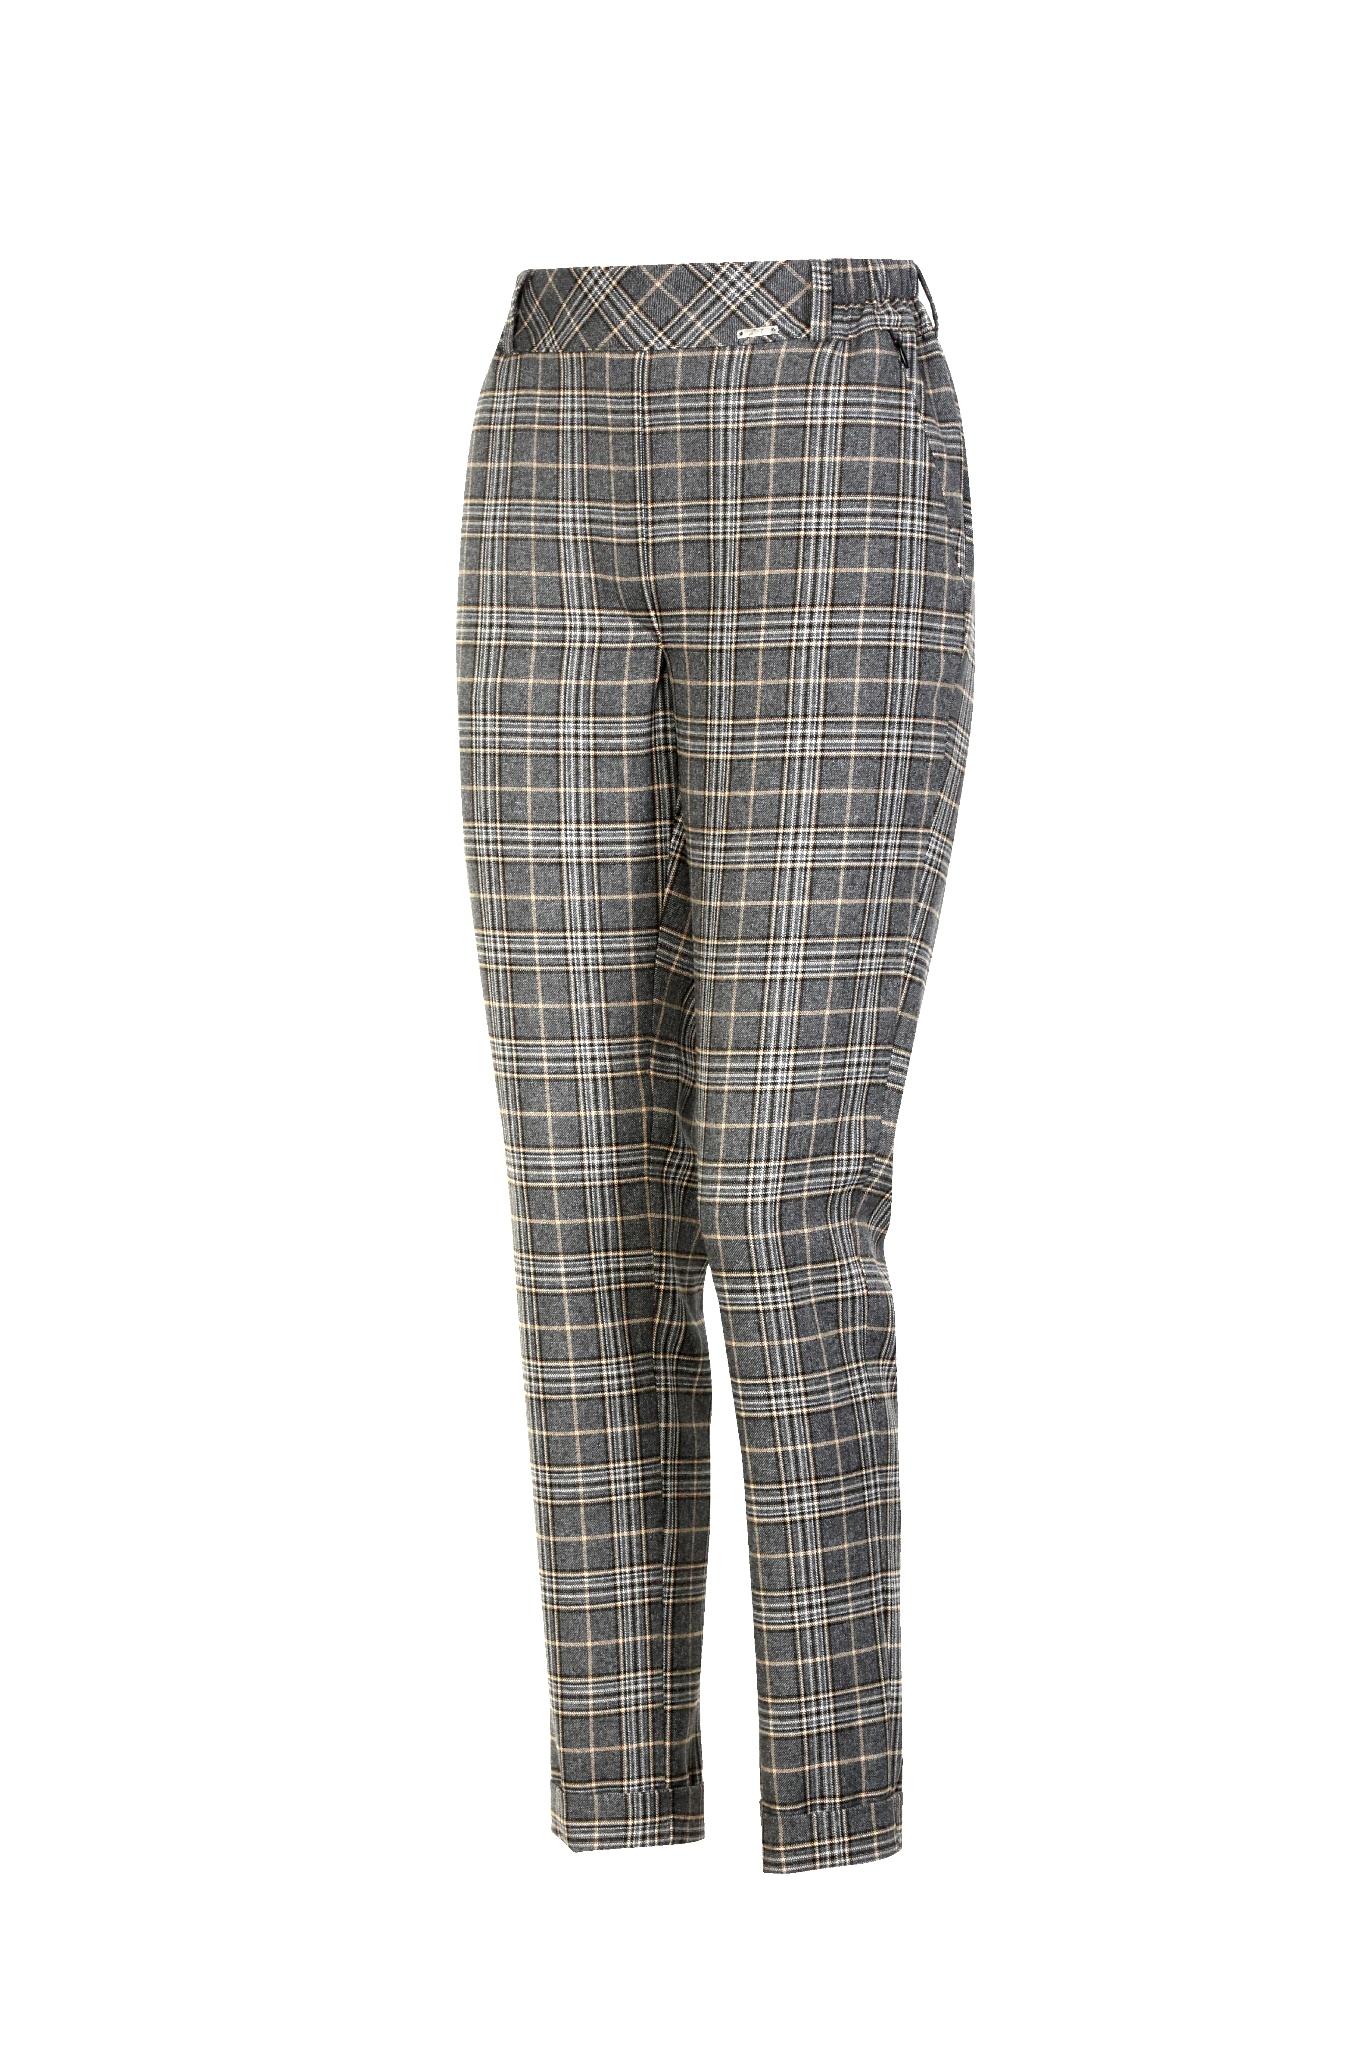 1334 Jumitex eleganckie spodnie w krate szare